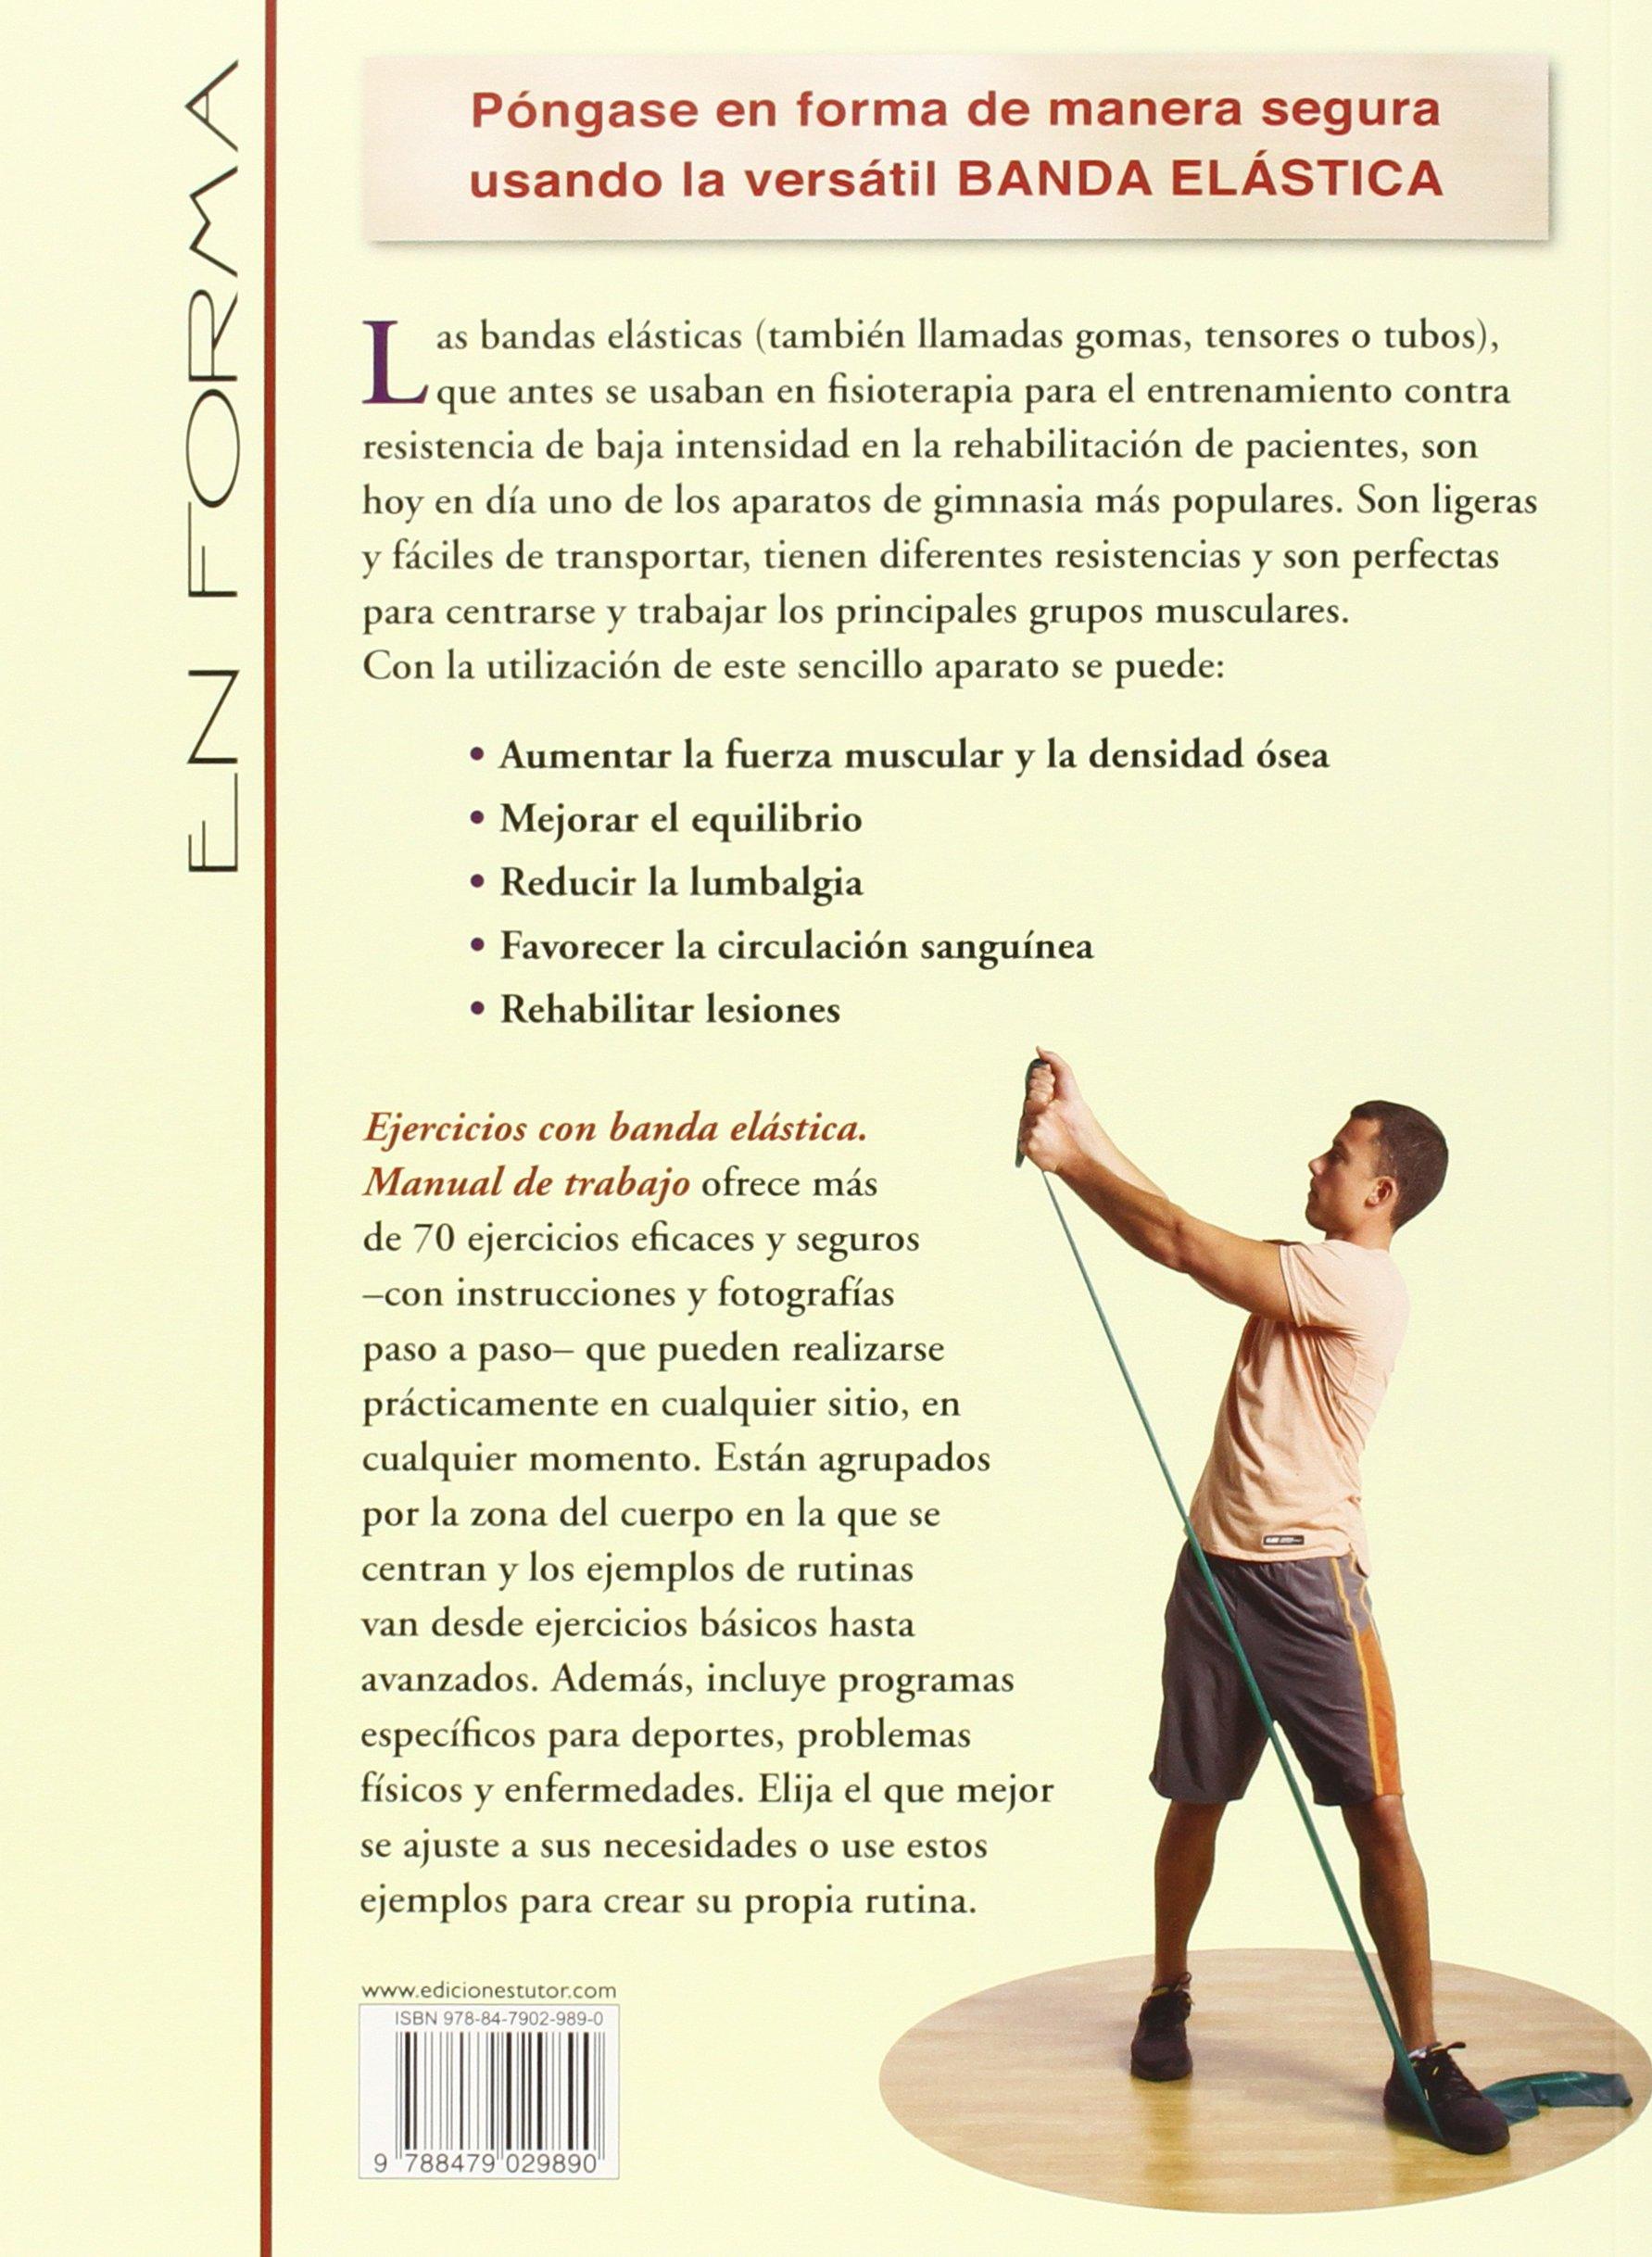 Ejercicios con banda elástica : manual de trabajo : guía ilustrada paso a paso de técnicas de estiramiento, fortalecimiento y rehabilitación: Karl Knopf: ...